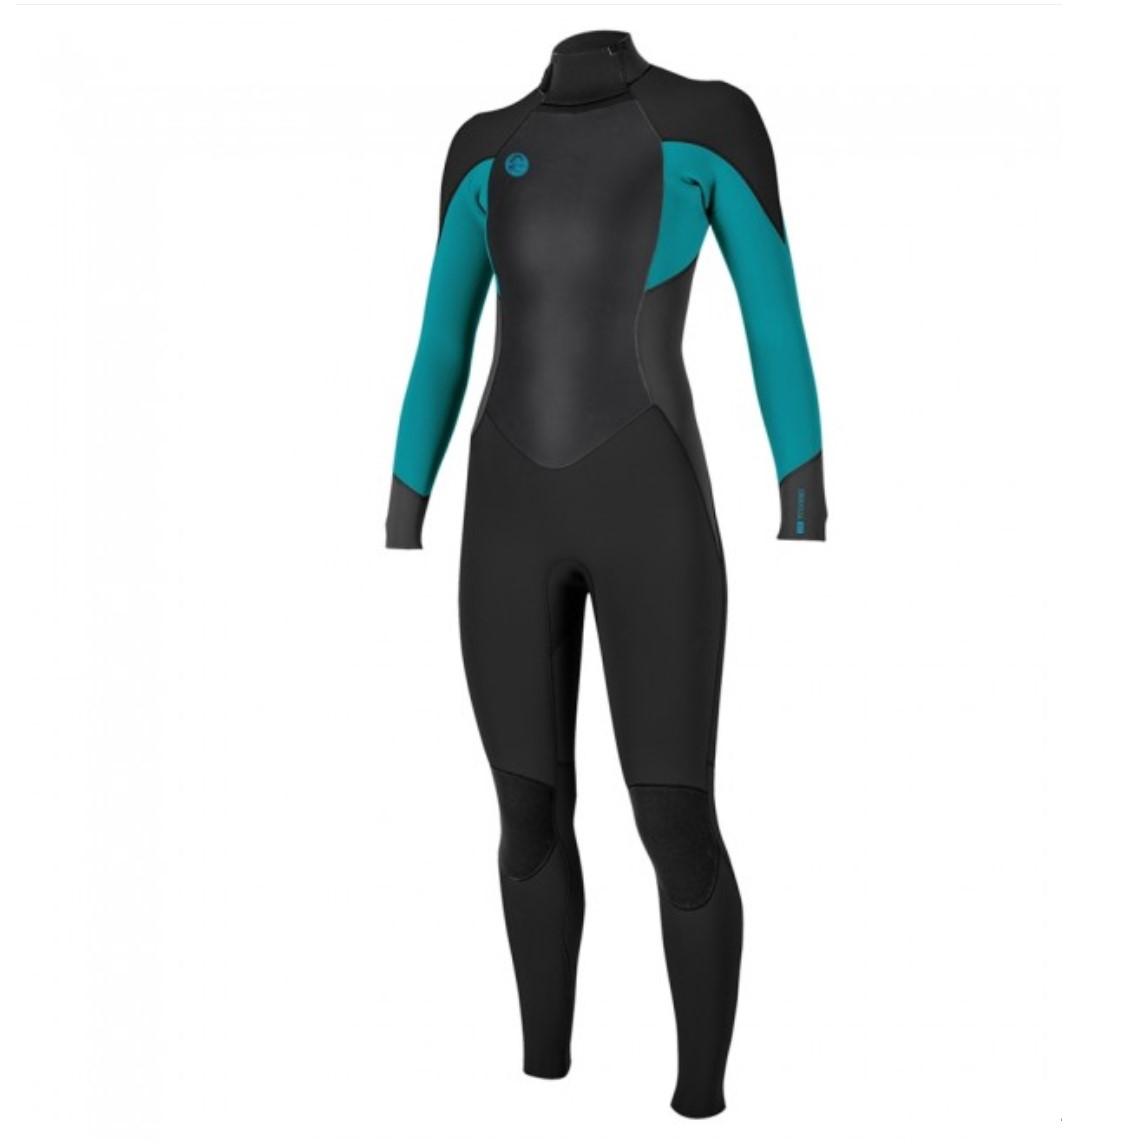 O'riginal wetsuit O'neill back zip